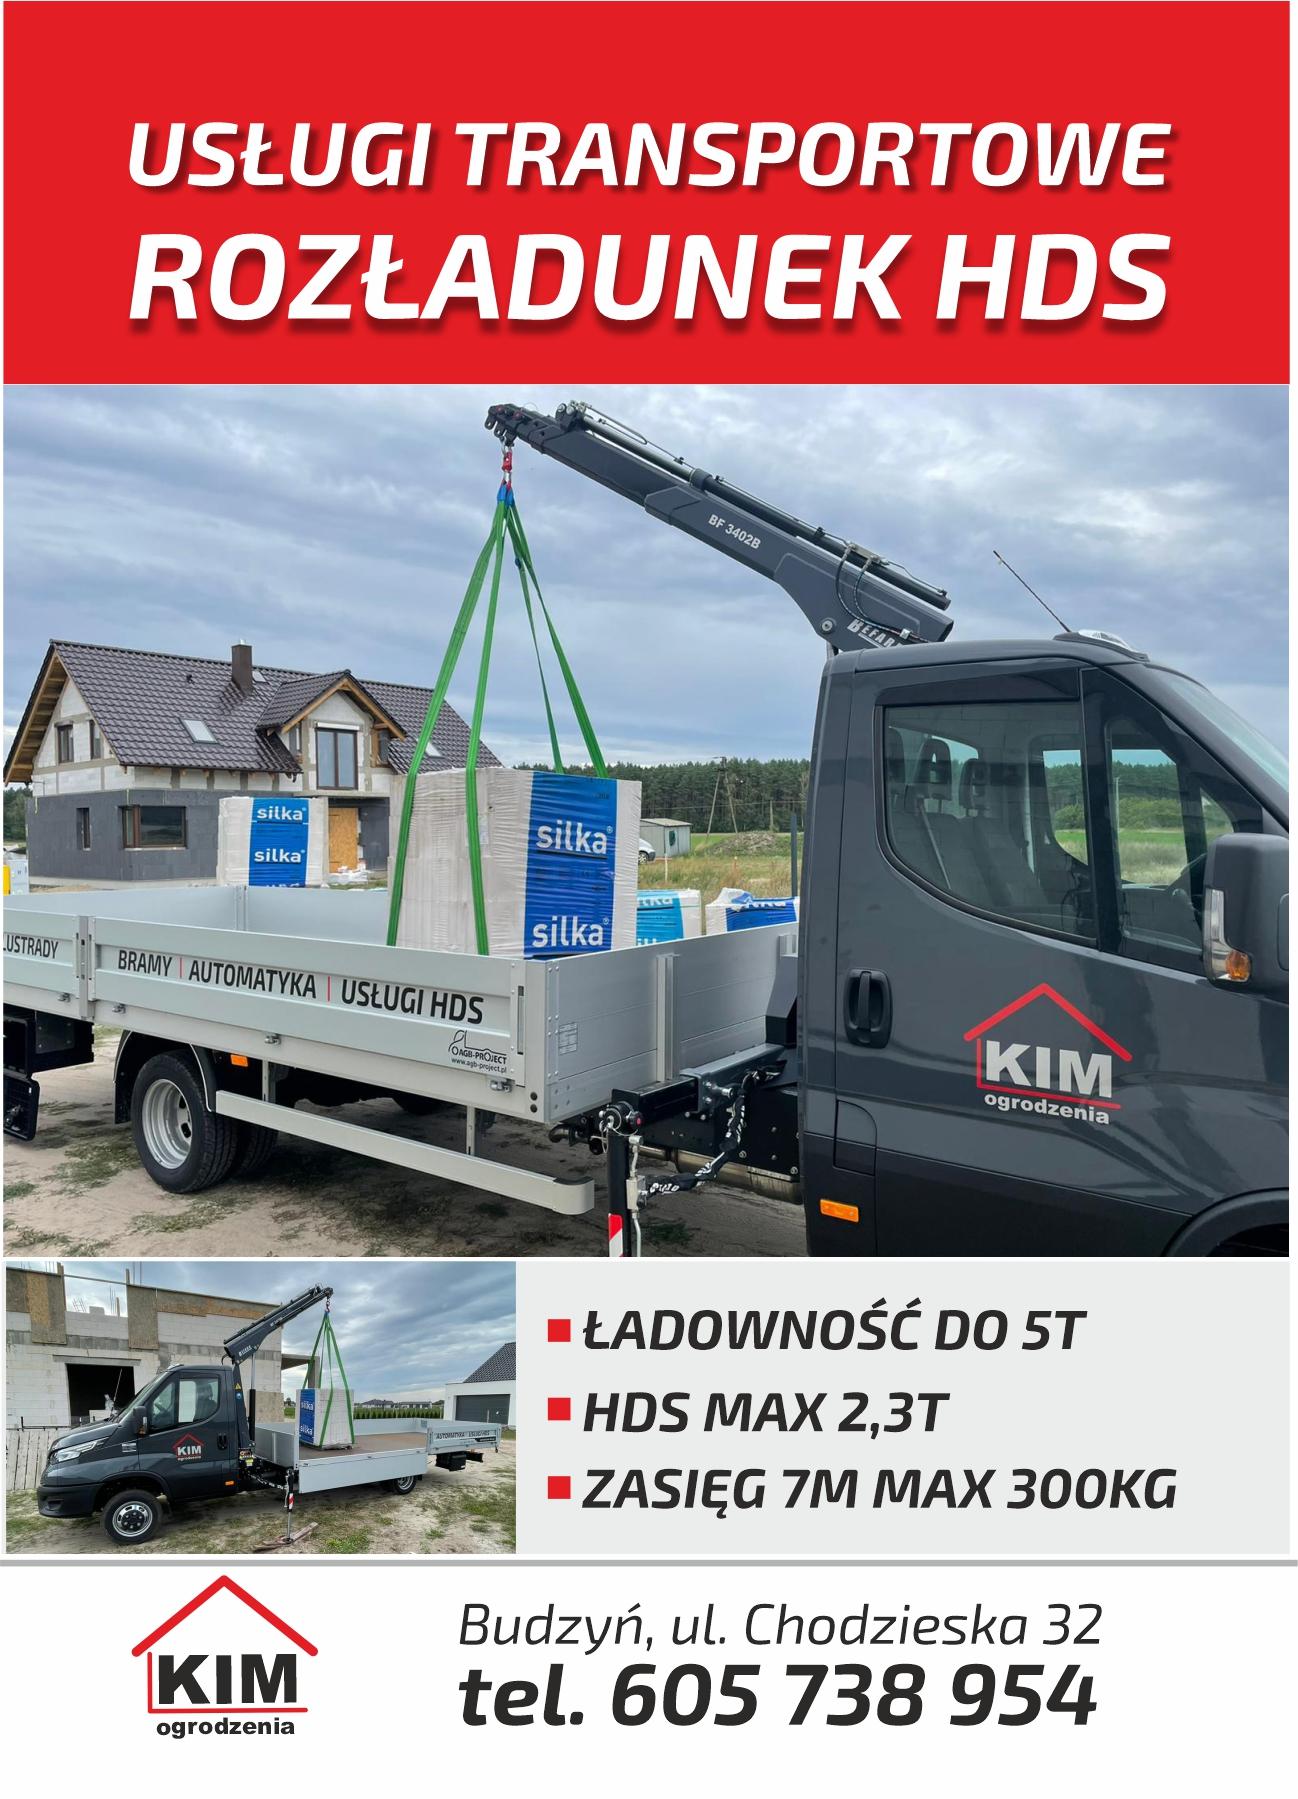 Usługi transportowe z rozładunkiem HDS - Chodzież, Piła, Margonin, Szamocin, Oborniki, Szamotuły, Poznań, Czarnków, Trzcianka